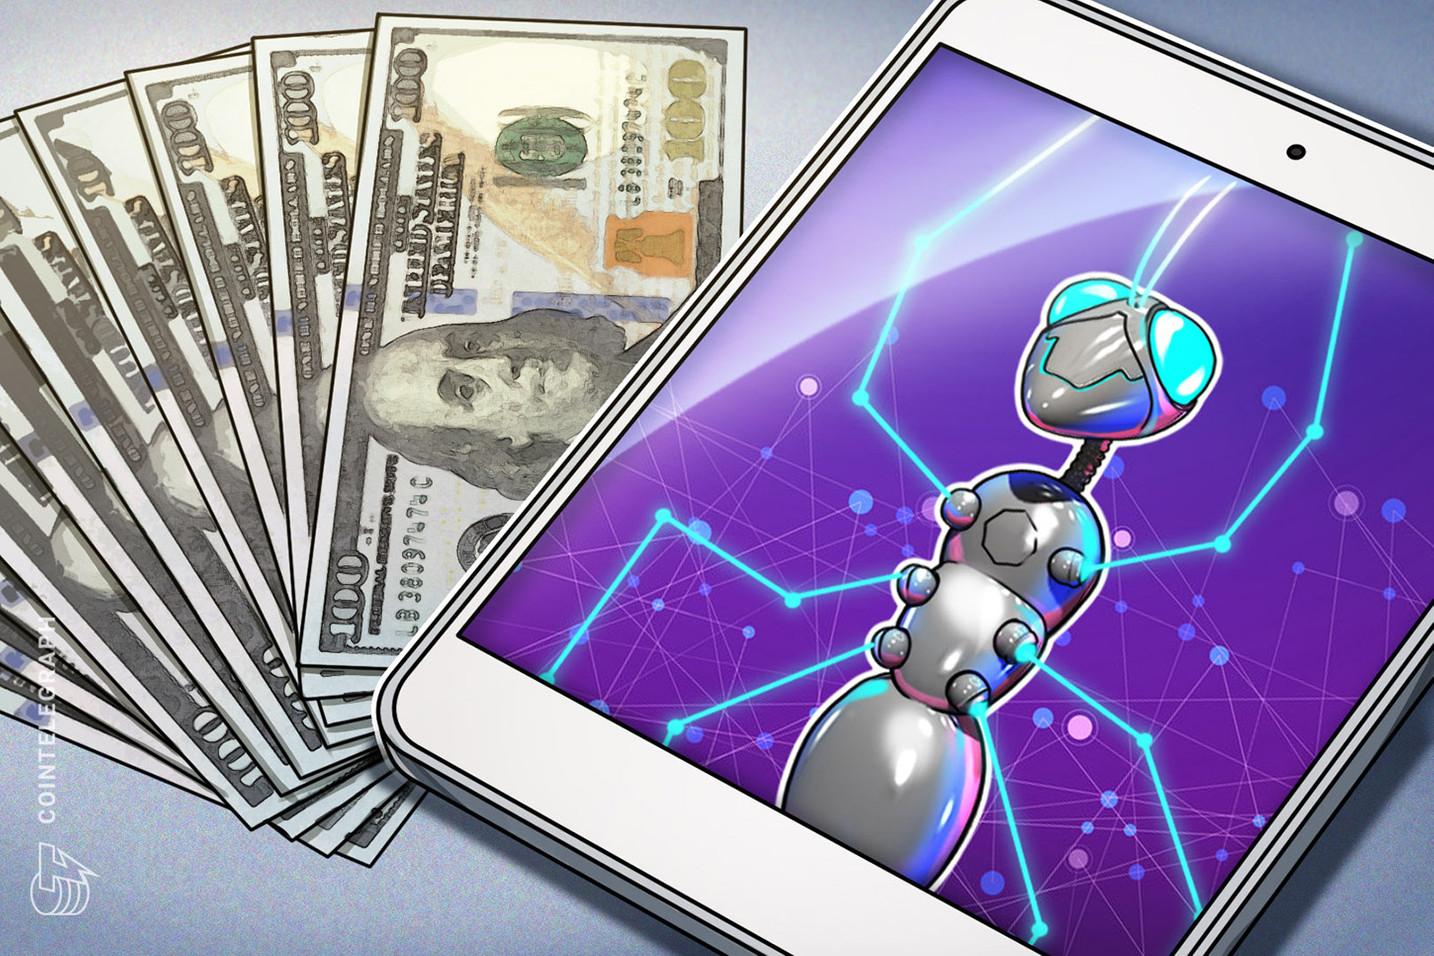 Platforma interoperacyjności Bitcoin Interlay pozyskuje 3 miliony dolarów na finansowanie nasion seed